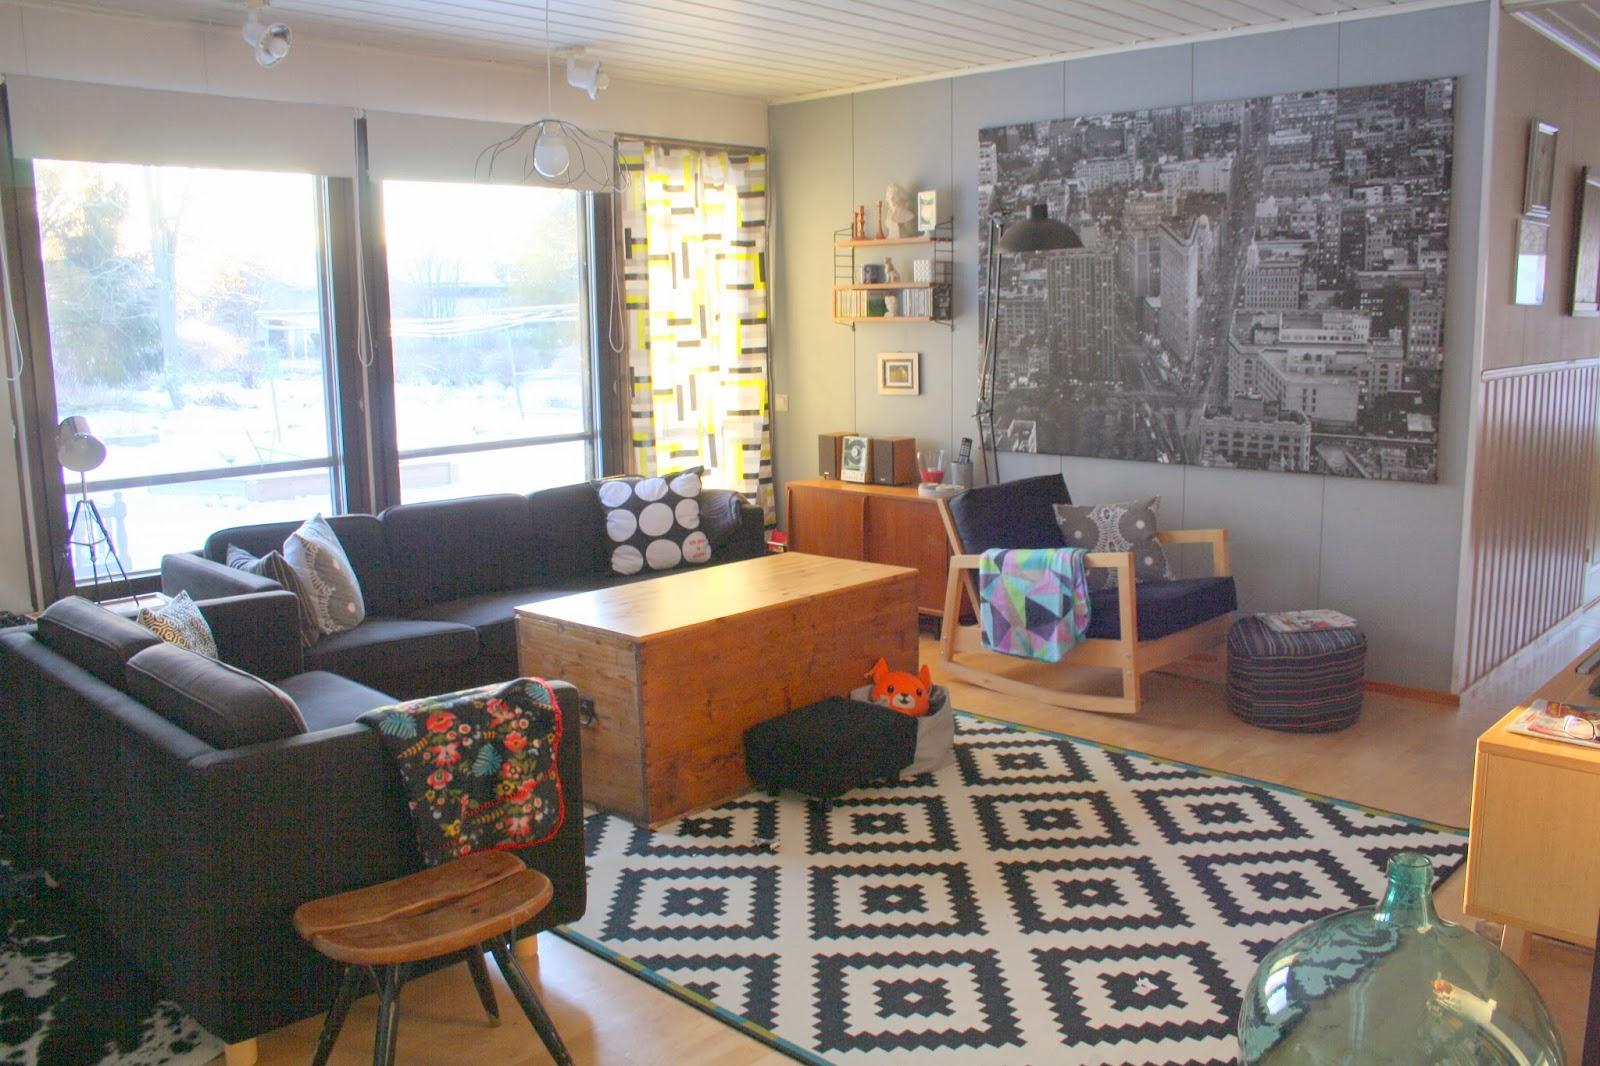 Ikea Teppich Lappljung Ruta ~   taas Vallilan Block verhon ja lattialle Ikea Lappljung Ruta maton